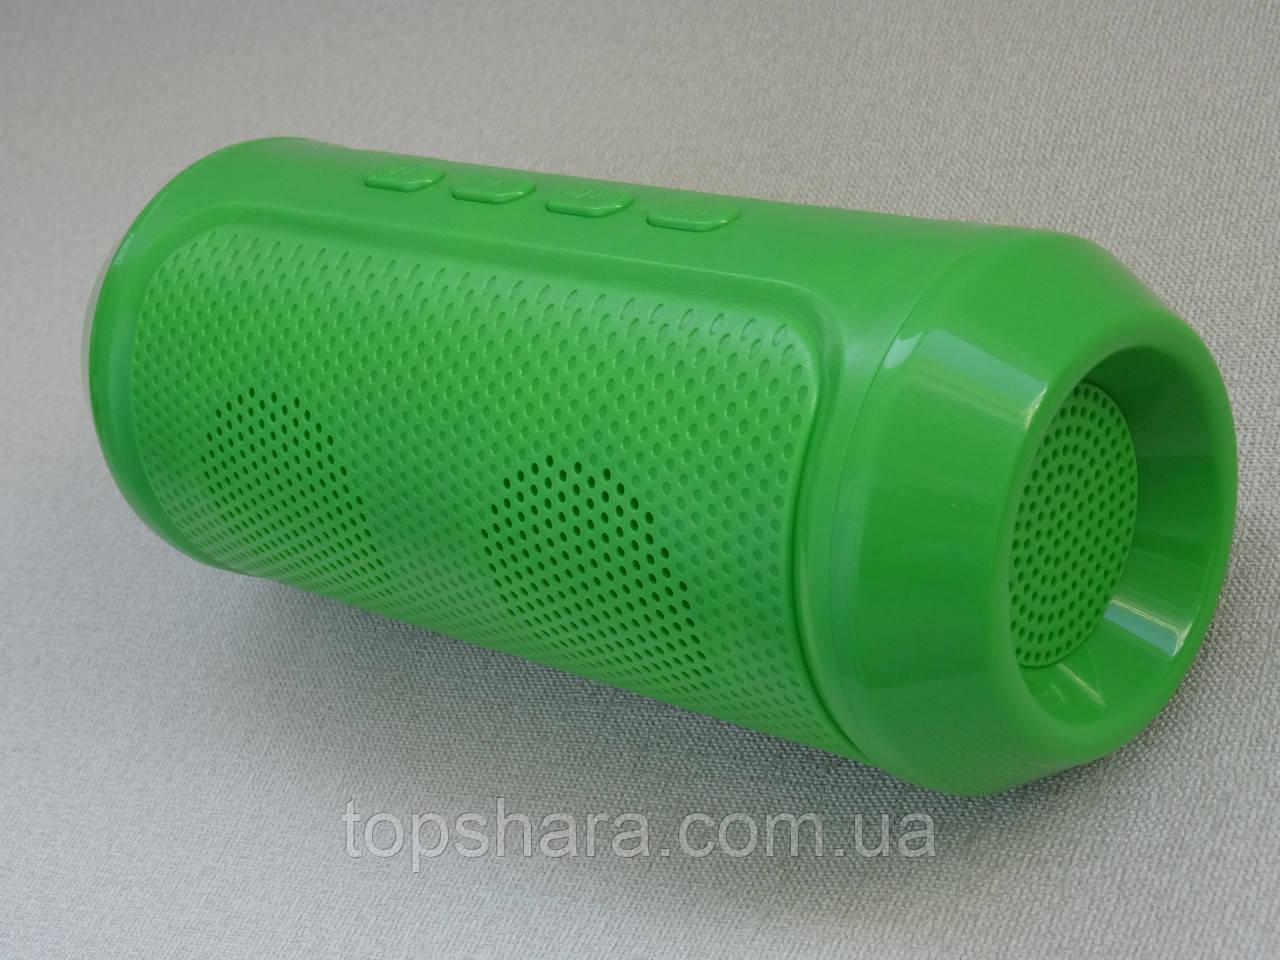 Портативная колонка Bluetooth Q610, музыкальная акустика блютуз (зелёная)